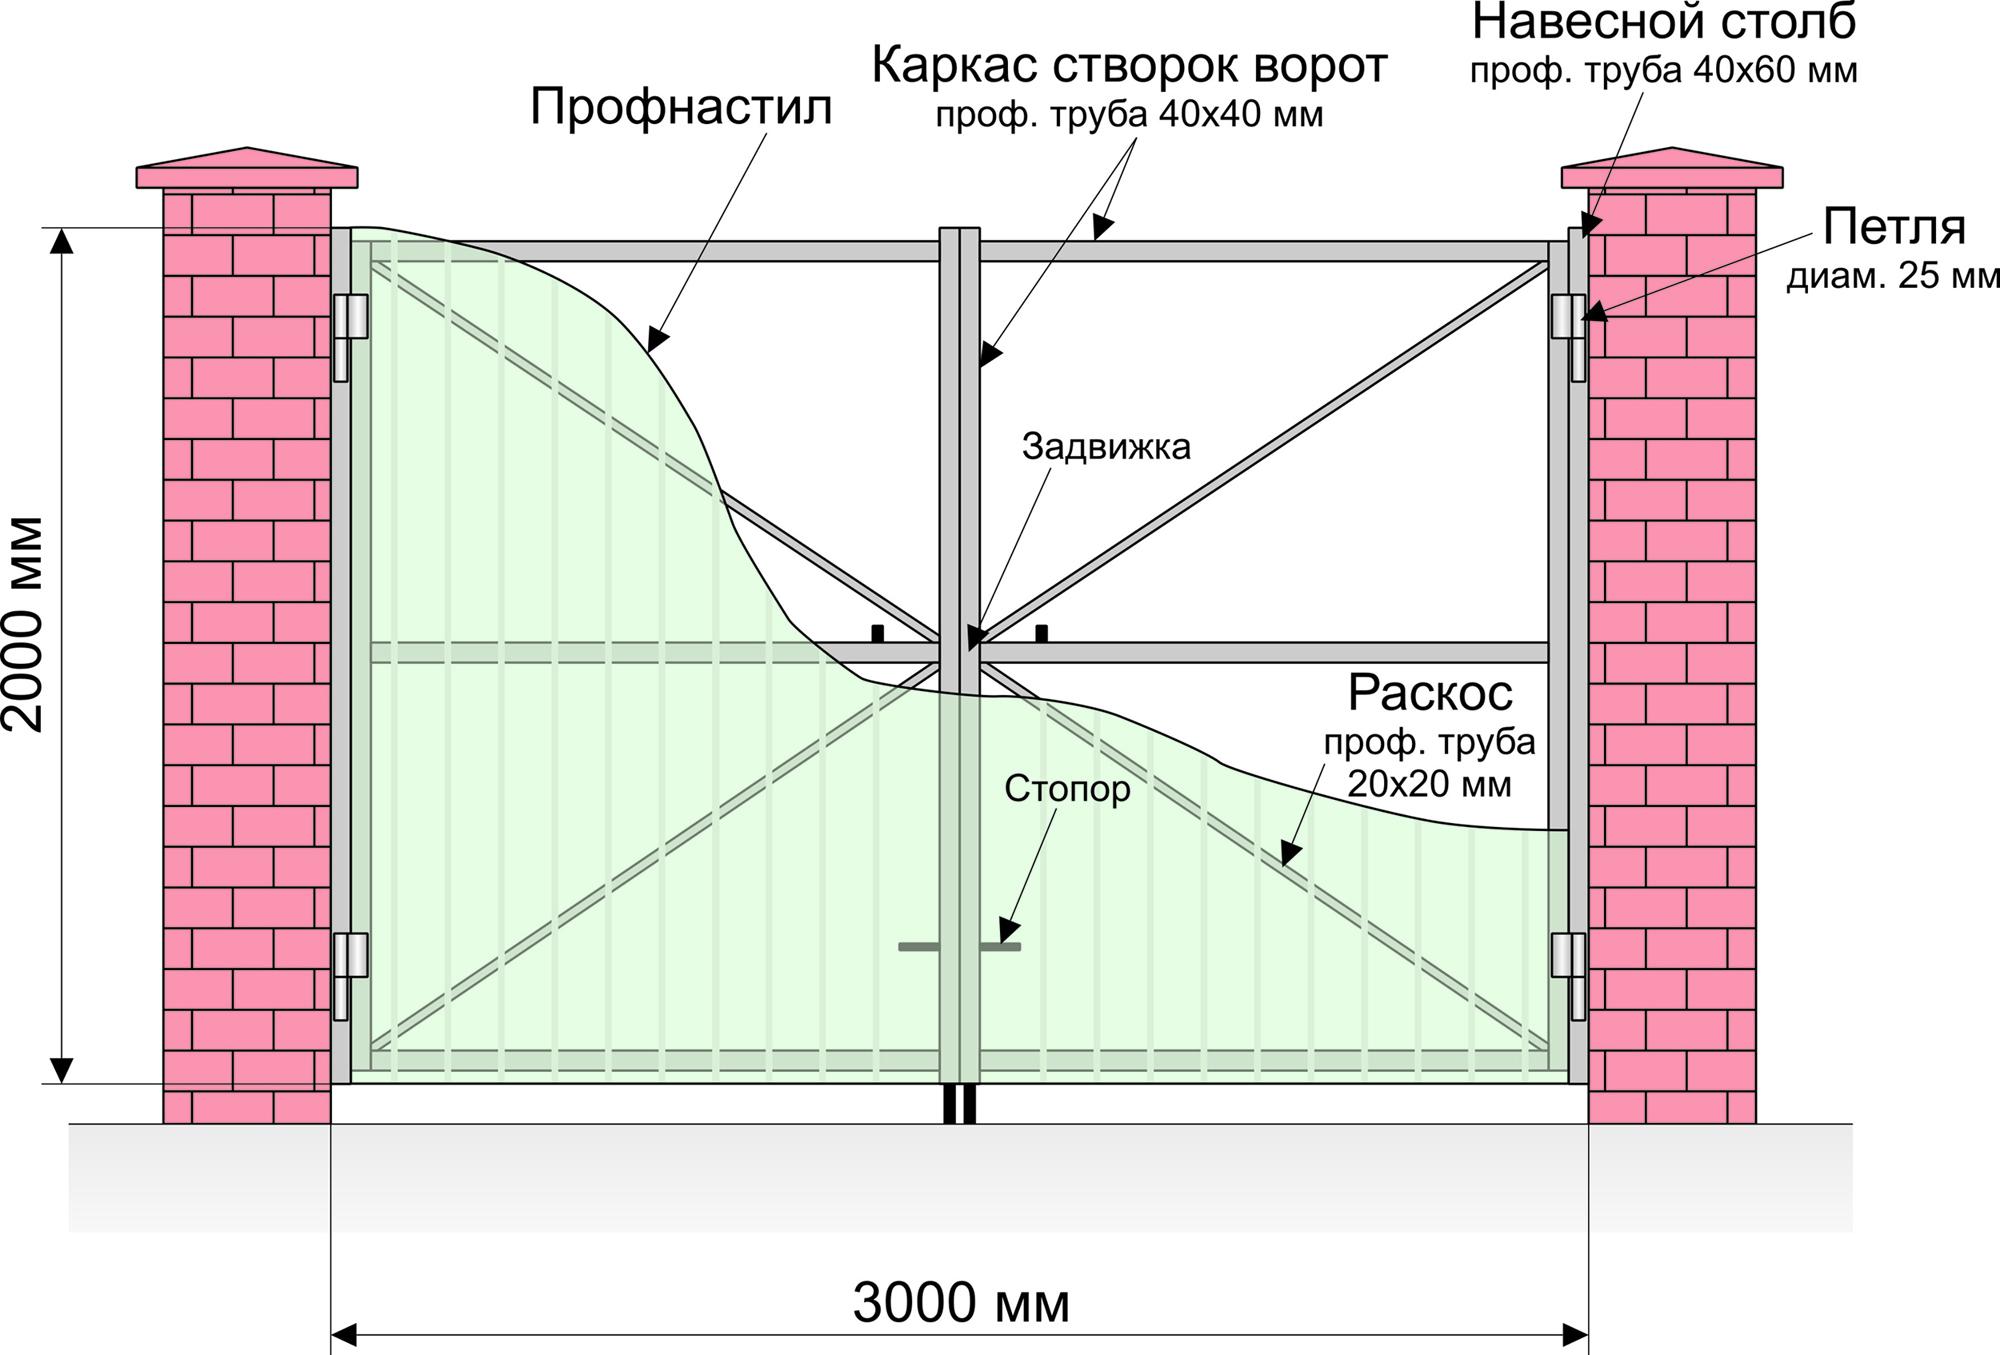 Конструкция распашных ворот своими руками 300